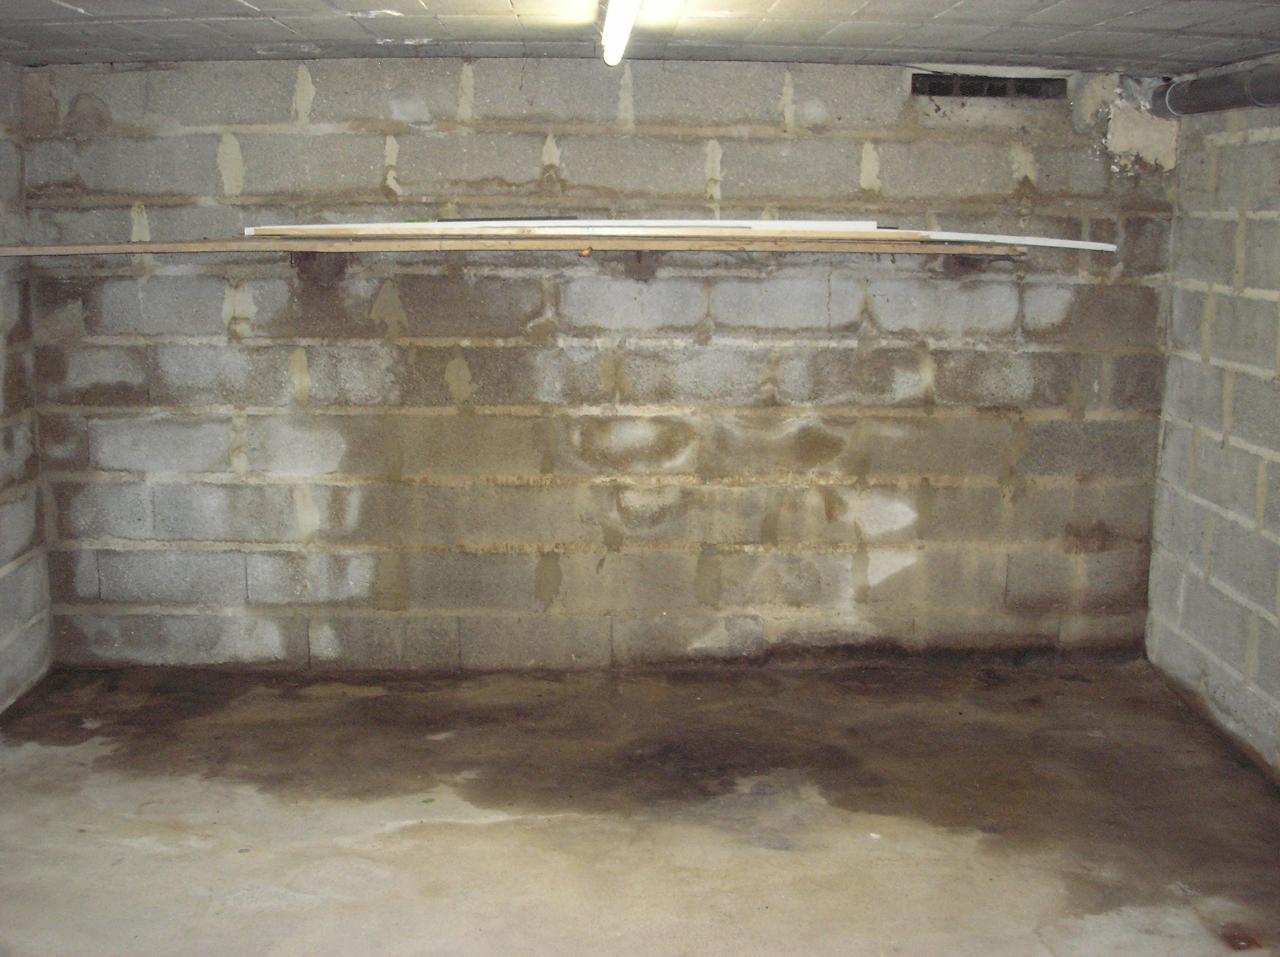 Probl me terrasse infiltration d eau for Assainir maison humide